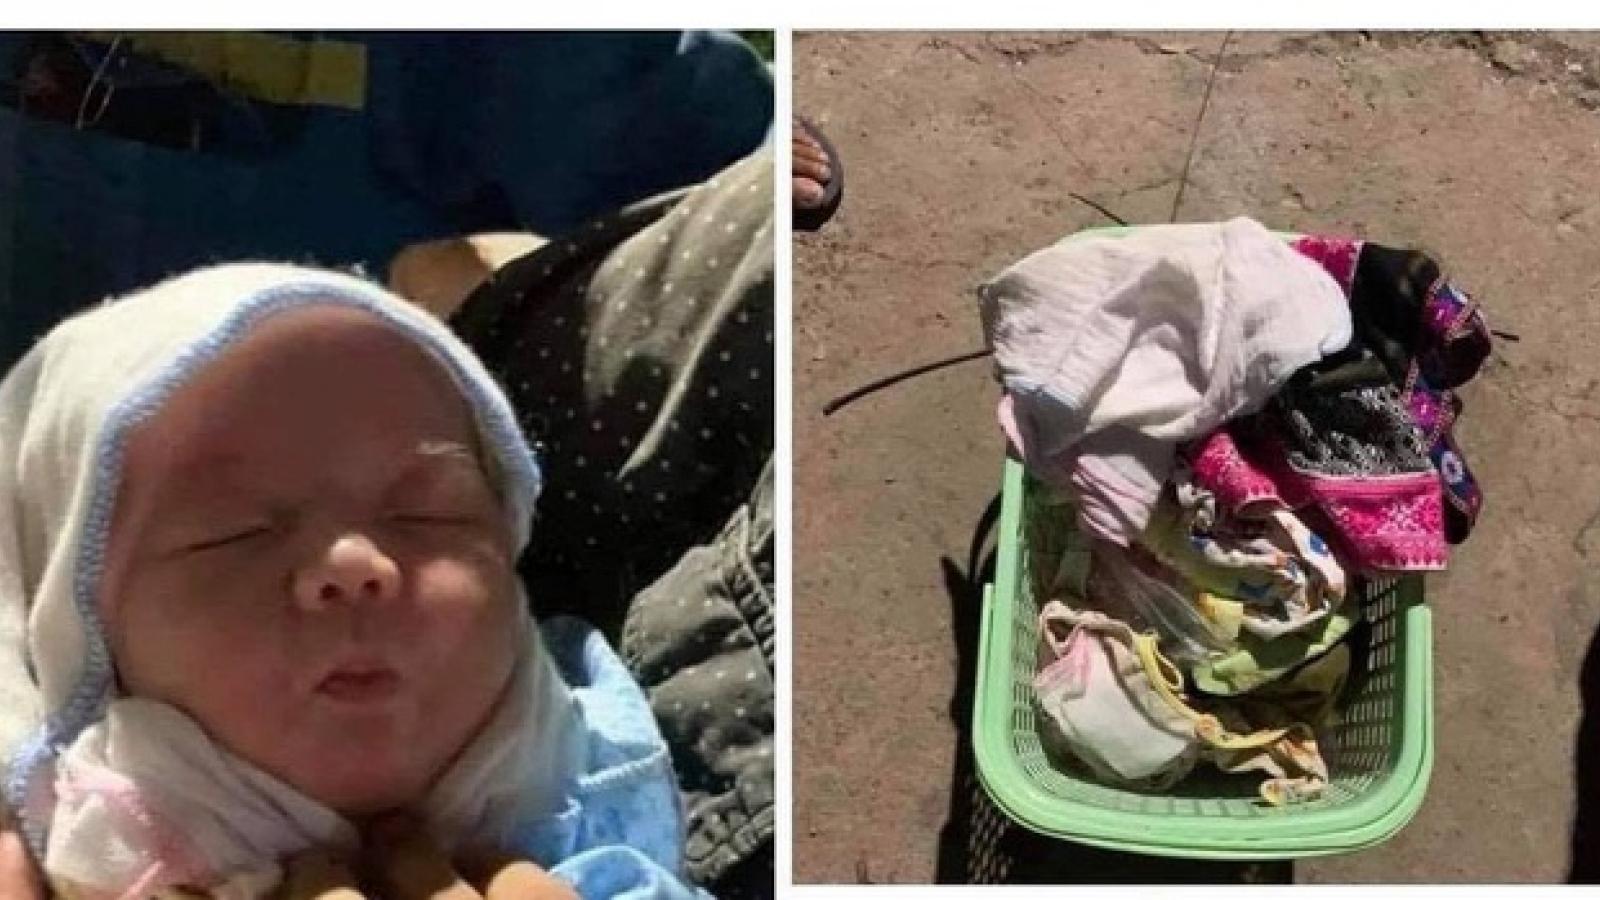 Phát hiện bé gái sơ sinh bị bỏ rơi trong xe chở rác ở Hà Nội